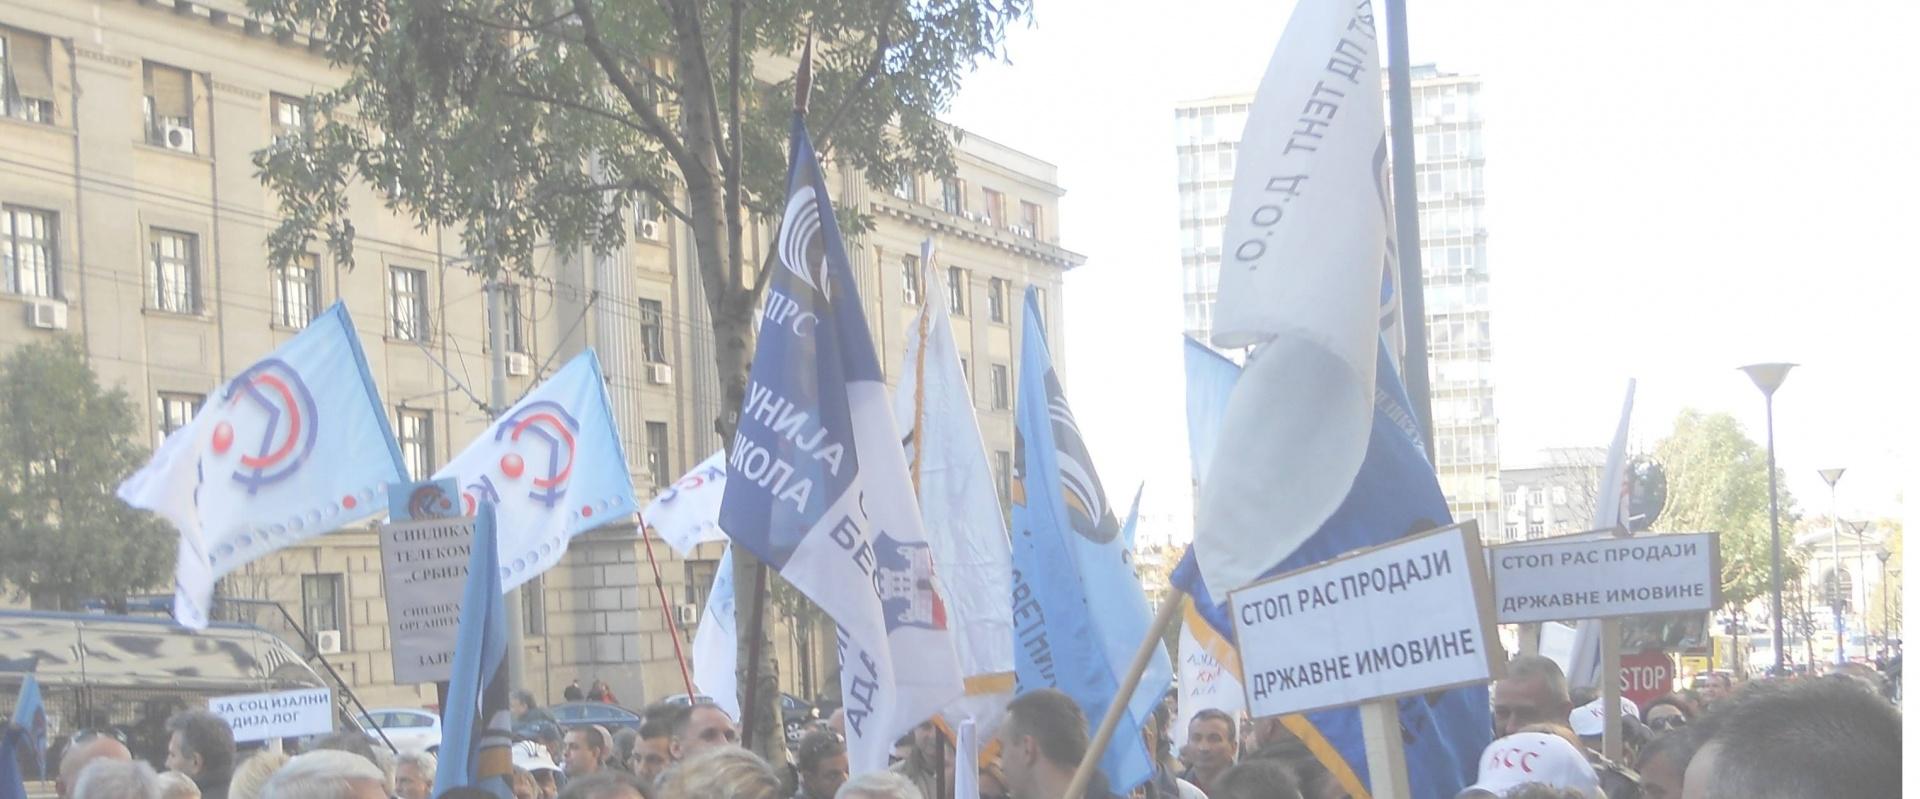 KSS protest